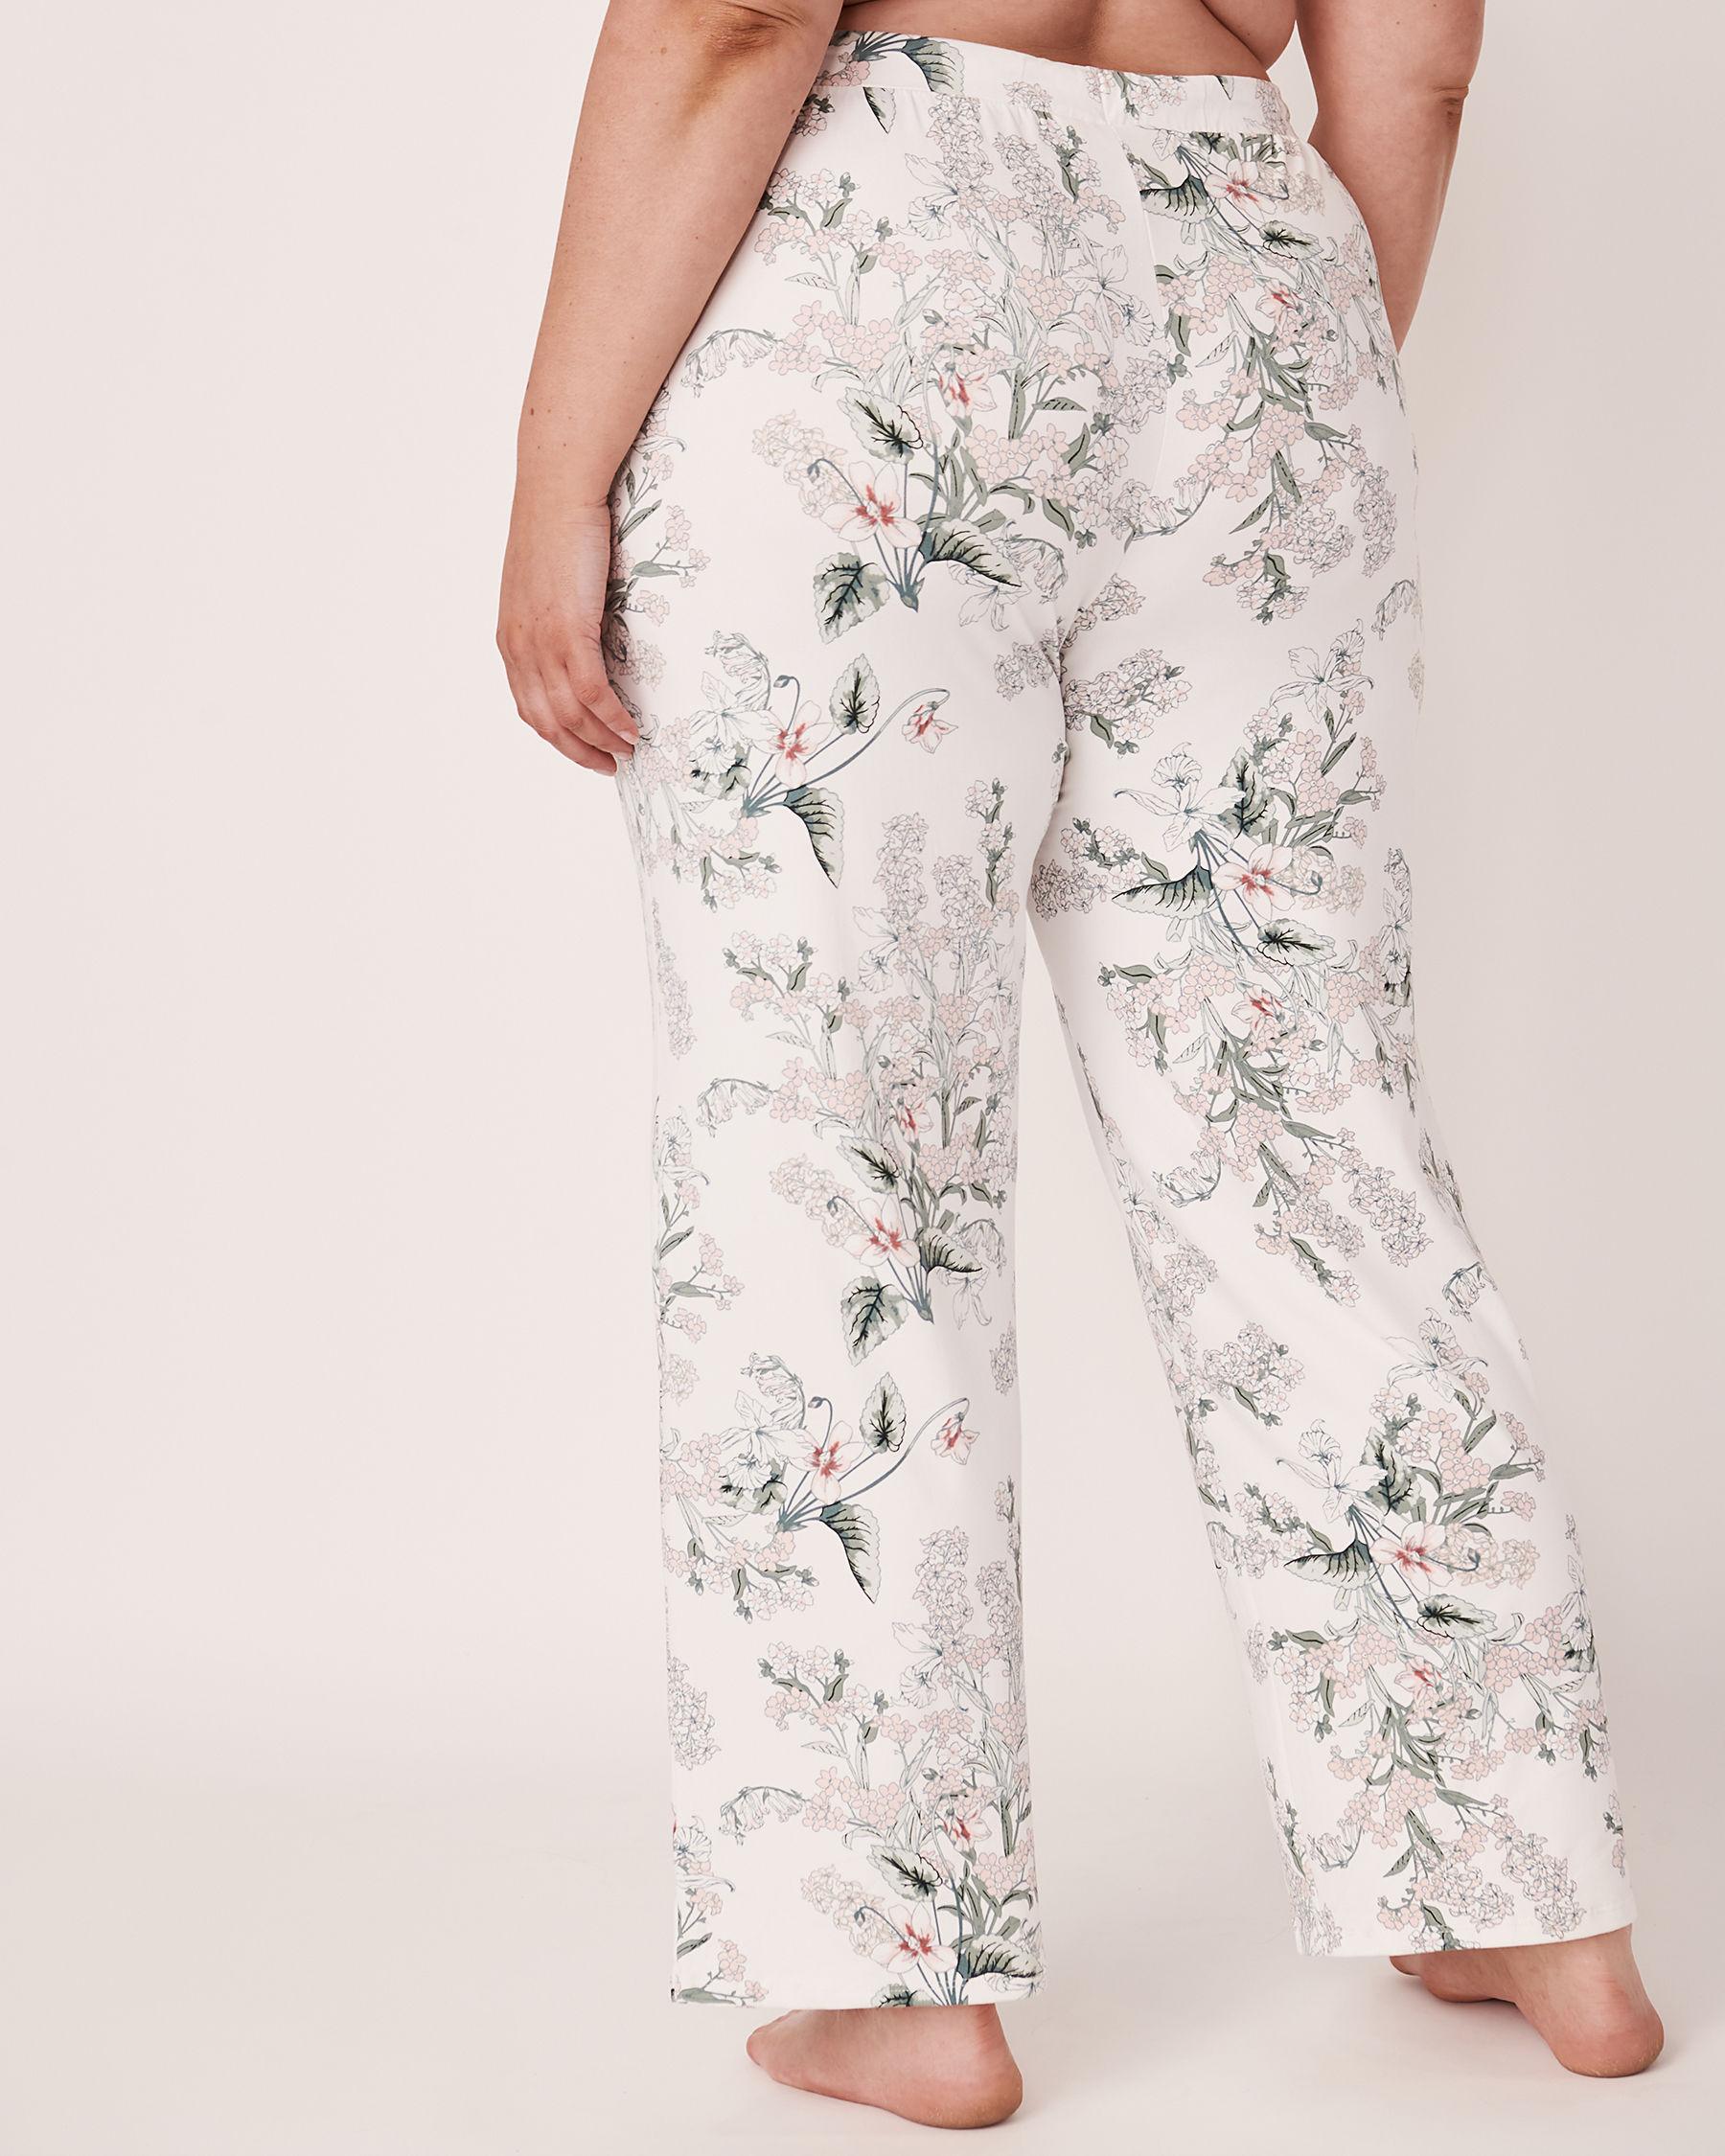 LA VIE EN ROSE Wide Leg Pant Flower bouquet 40200073 - View2